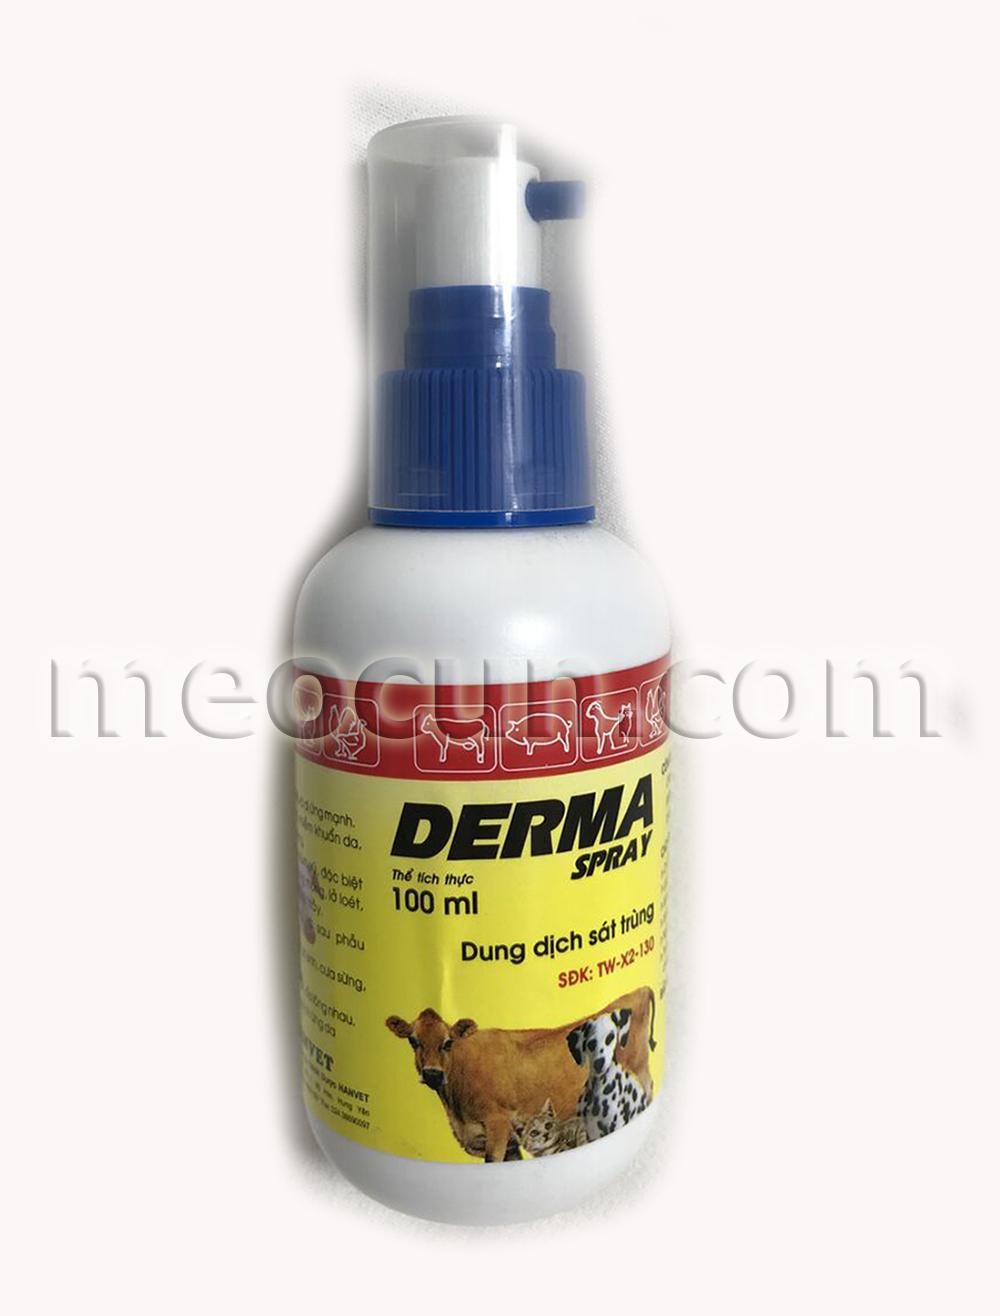 thuốc xịt viêm da cho chó mèo derma - thuốc xịt cho chó mèo meocunpetshop